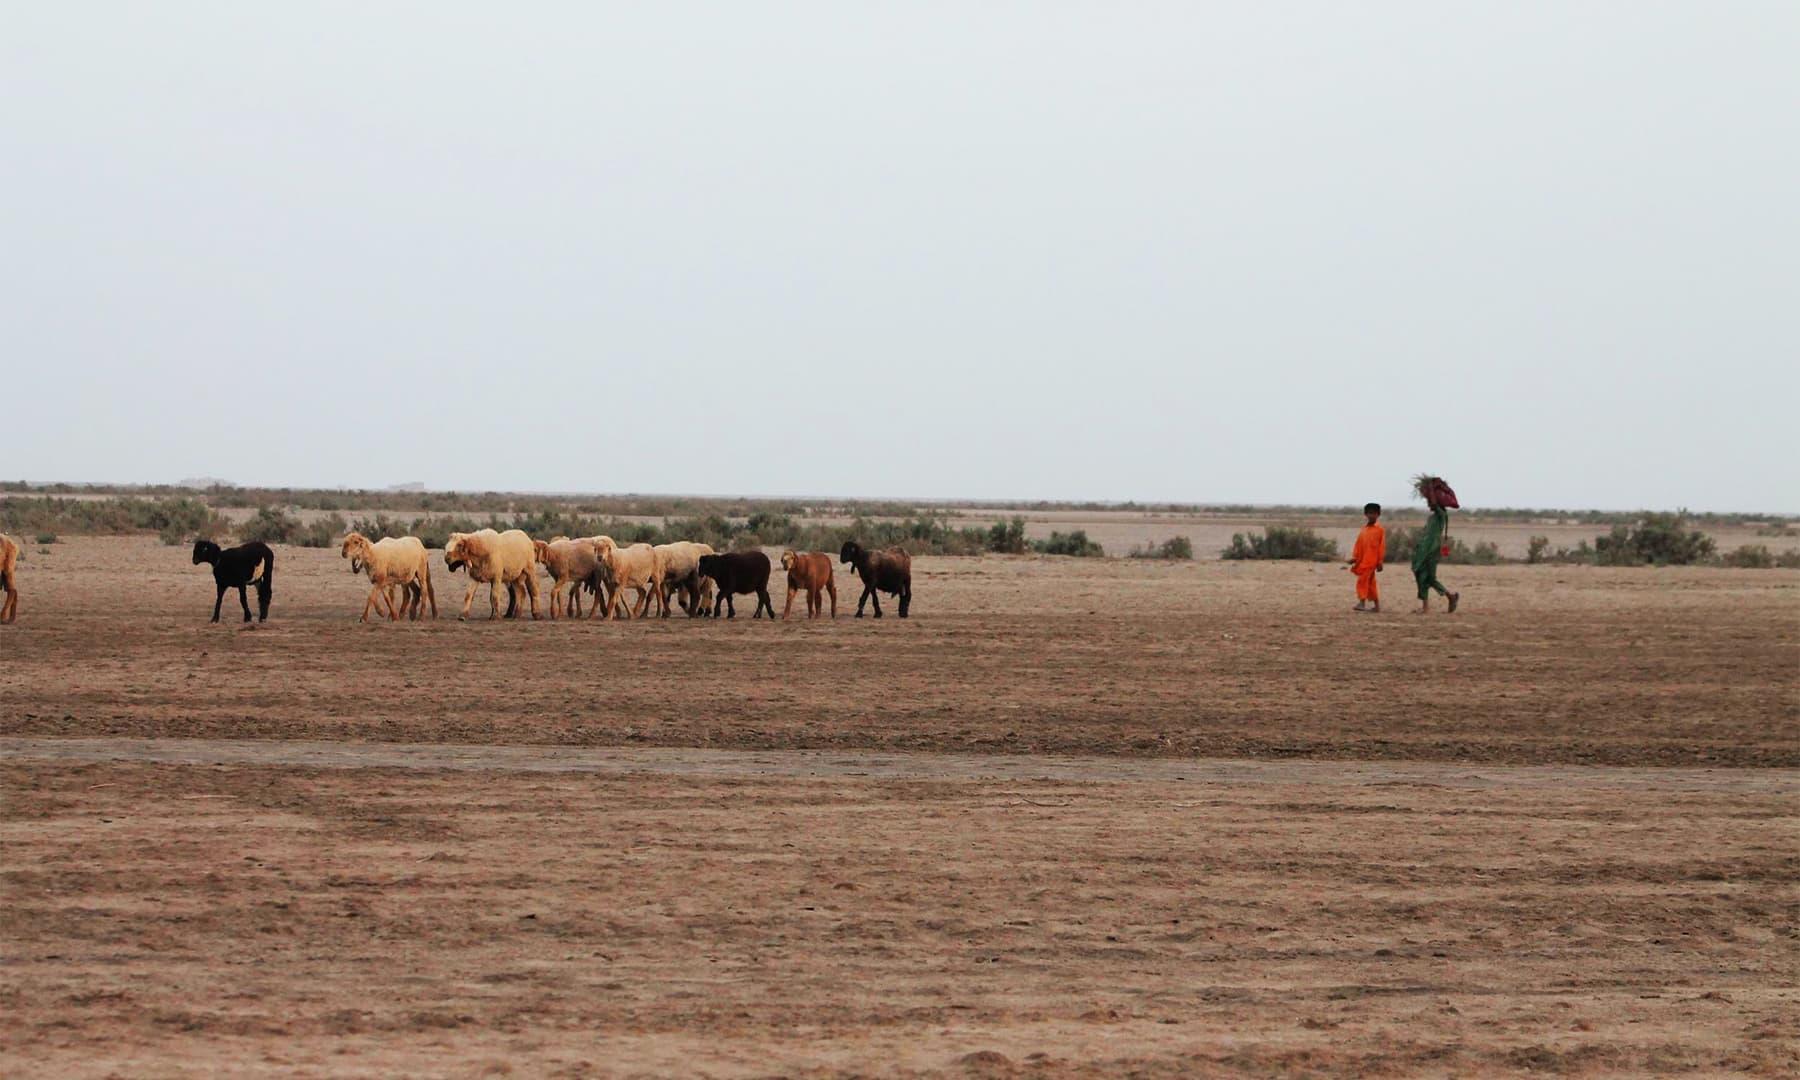 اب ڈیلٹا کے علاقوں میں پانی کہاں — تصویر ابوبکر شیخ